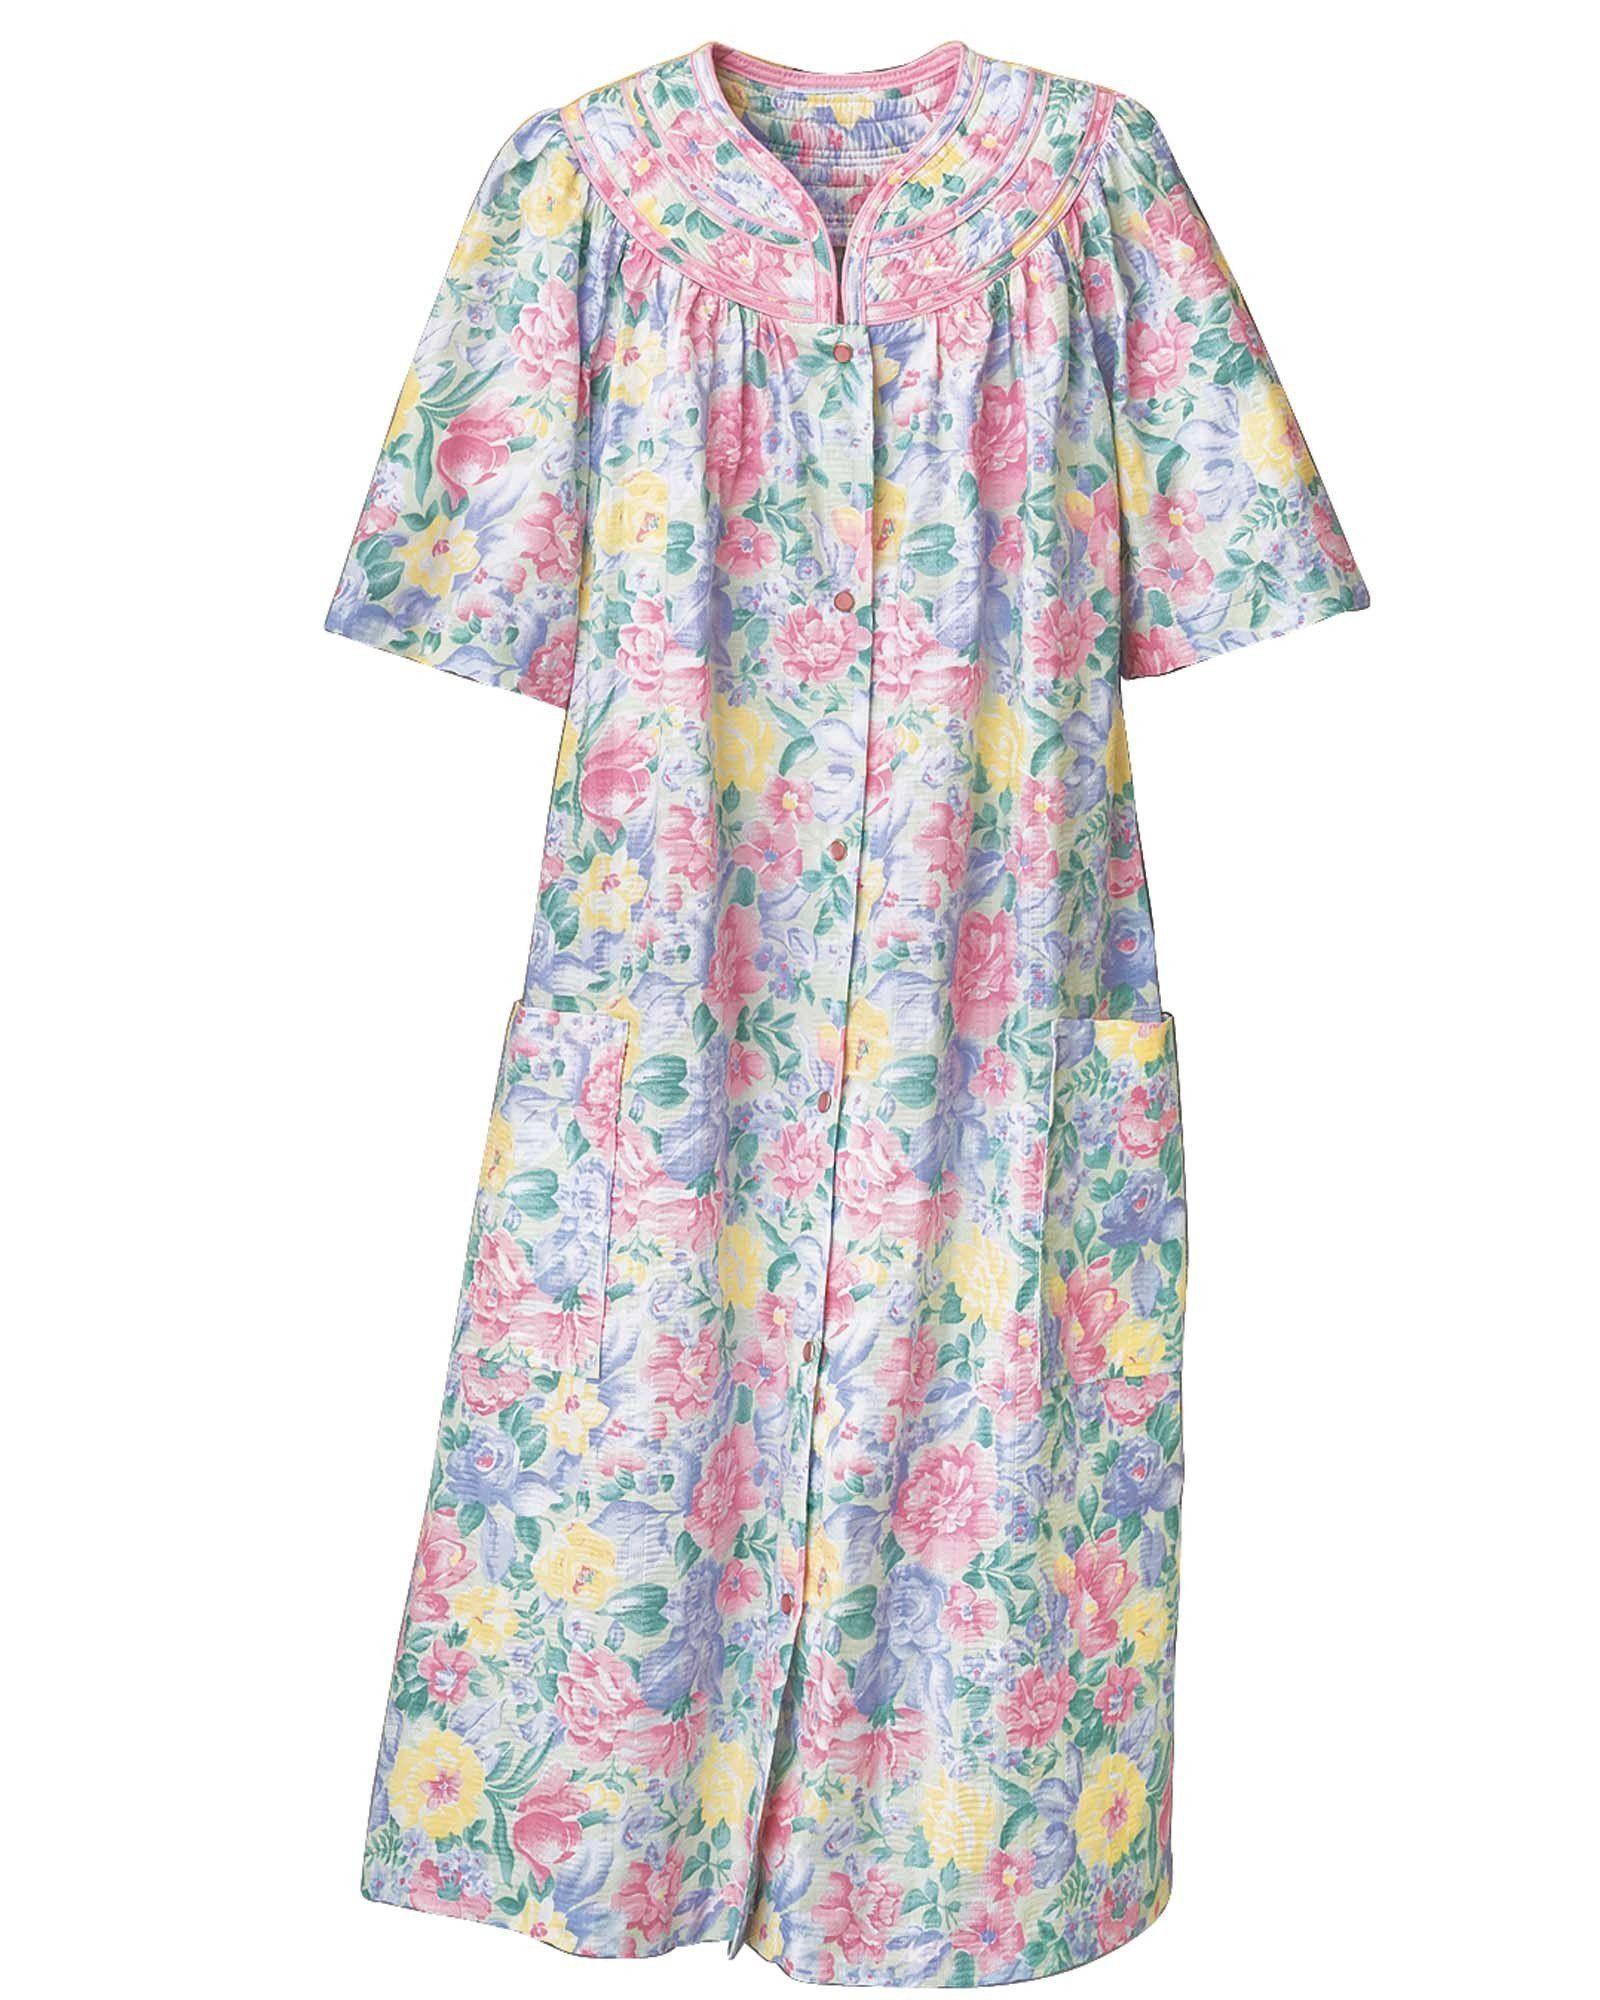 Trapunto Yoke House Coat Night Dress For Women Sleepwear Women